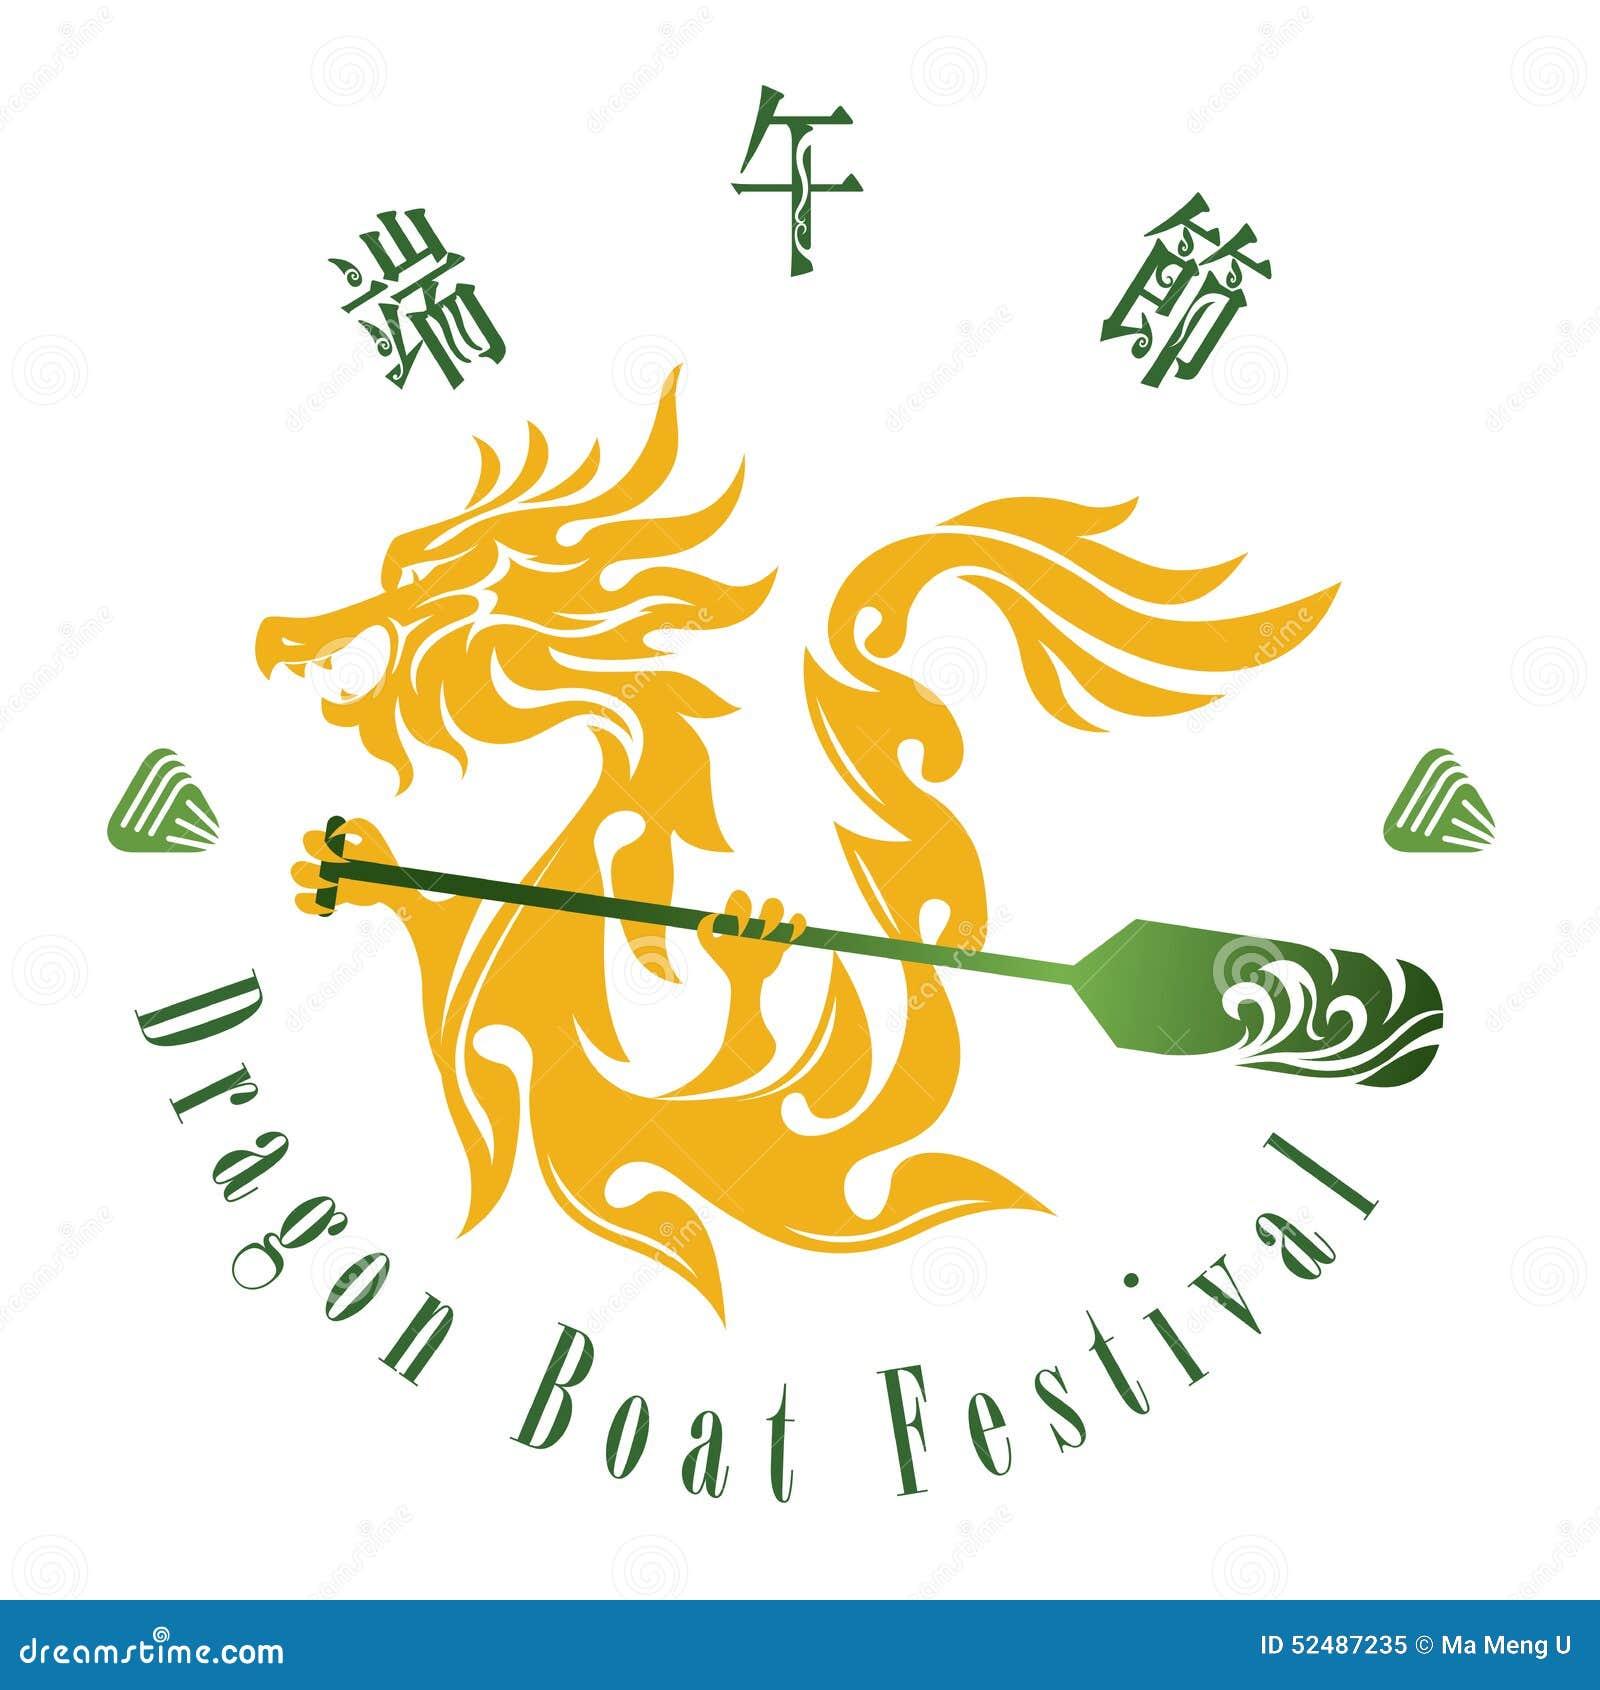 Dragon Boat Festival design